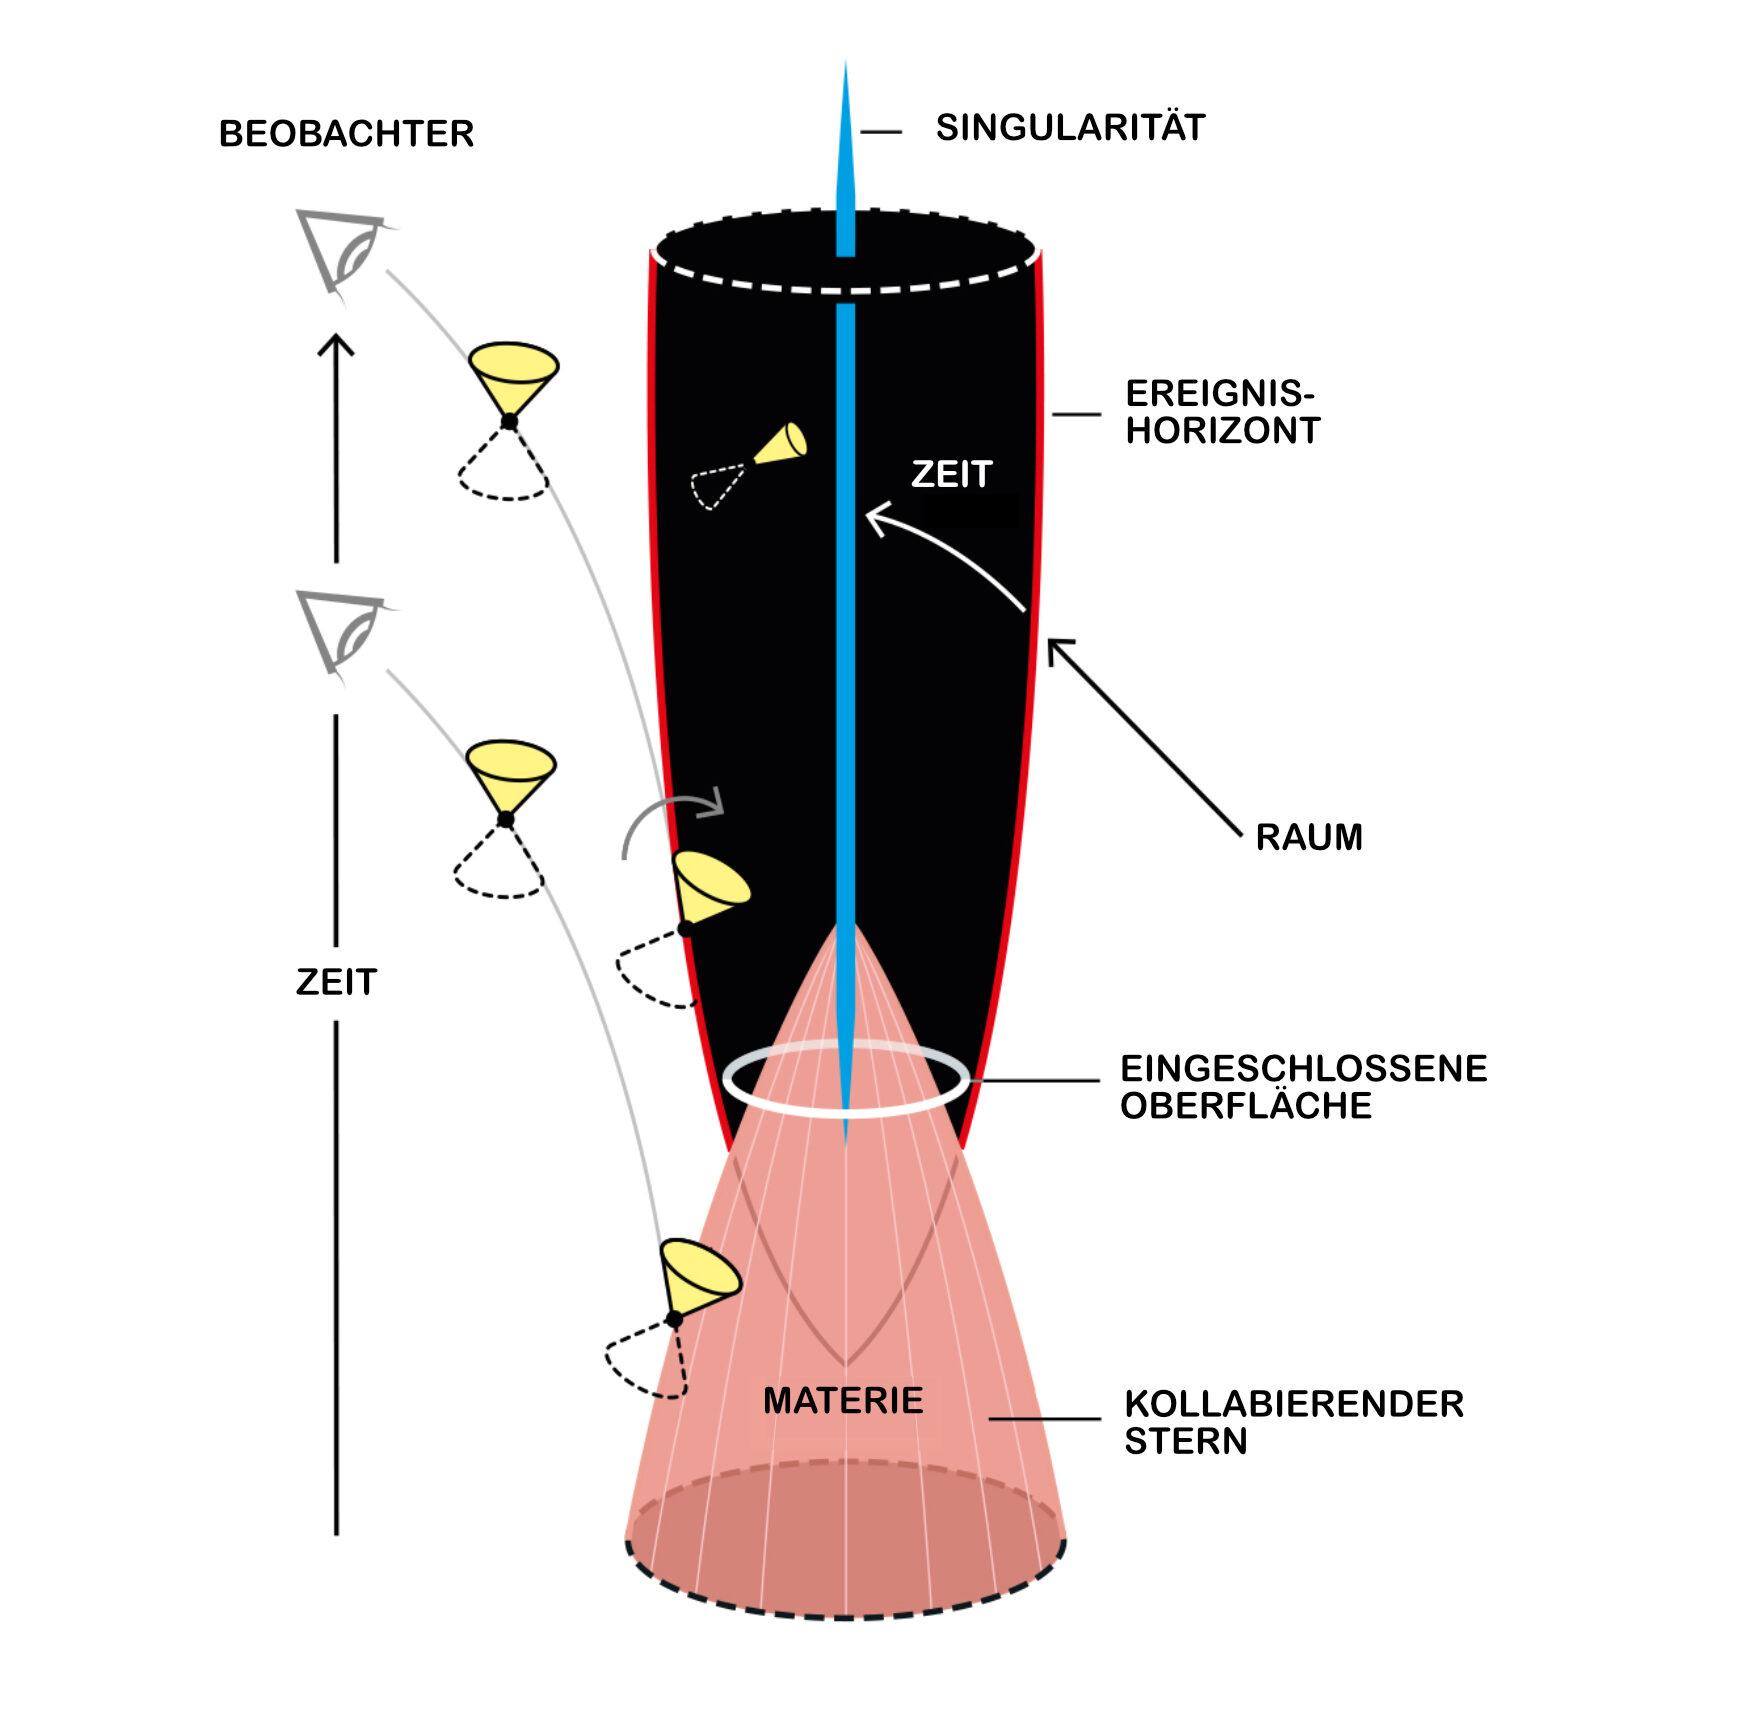 Das Bild veranschaulicht den Kollaps von Materie in eine eingeschlossene Oberfläche. Als Strahl in der Mitte ist die Singularität dargestellt. Lichtkegel fallen in das Schwarze Loch.